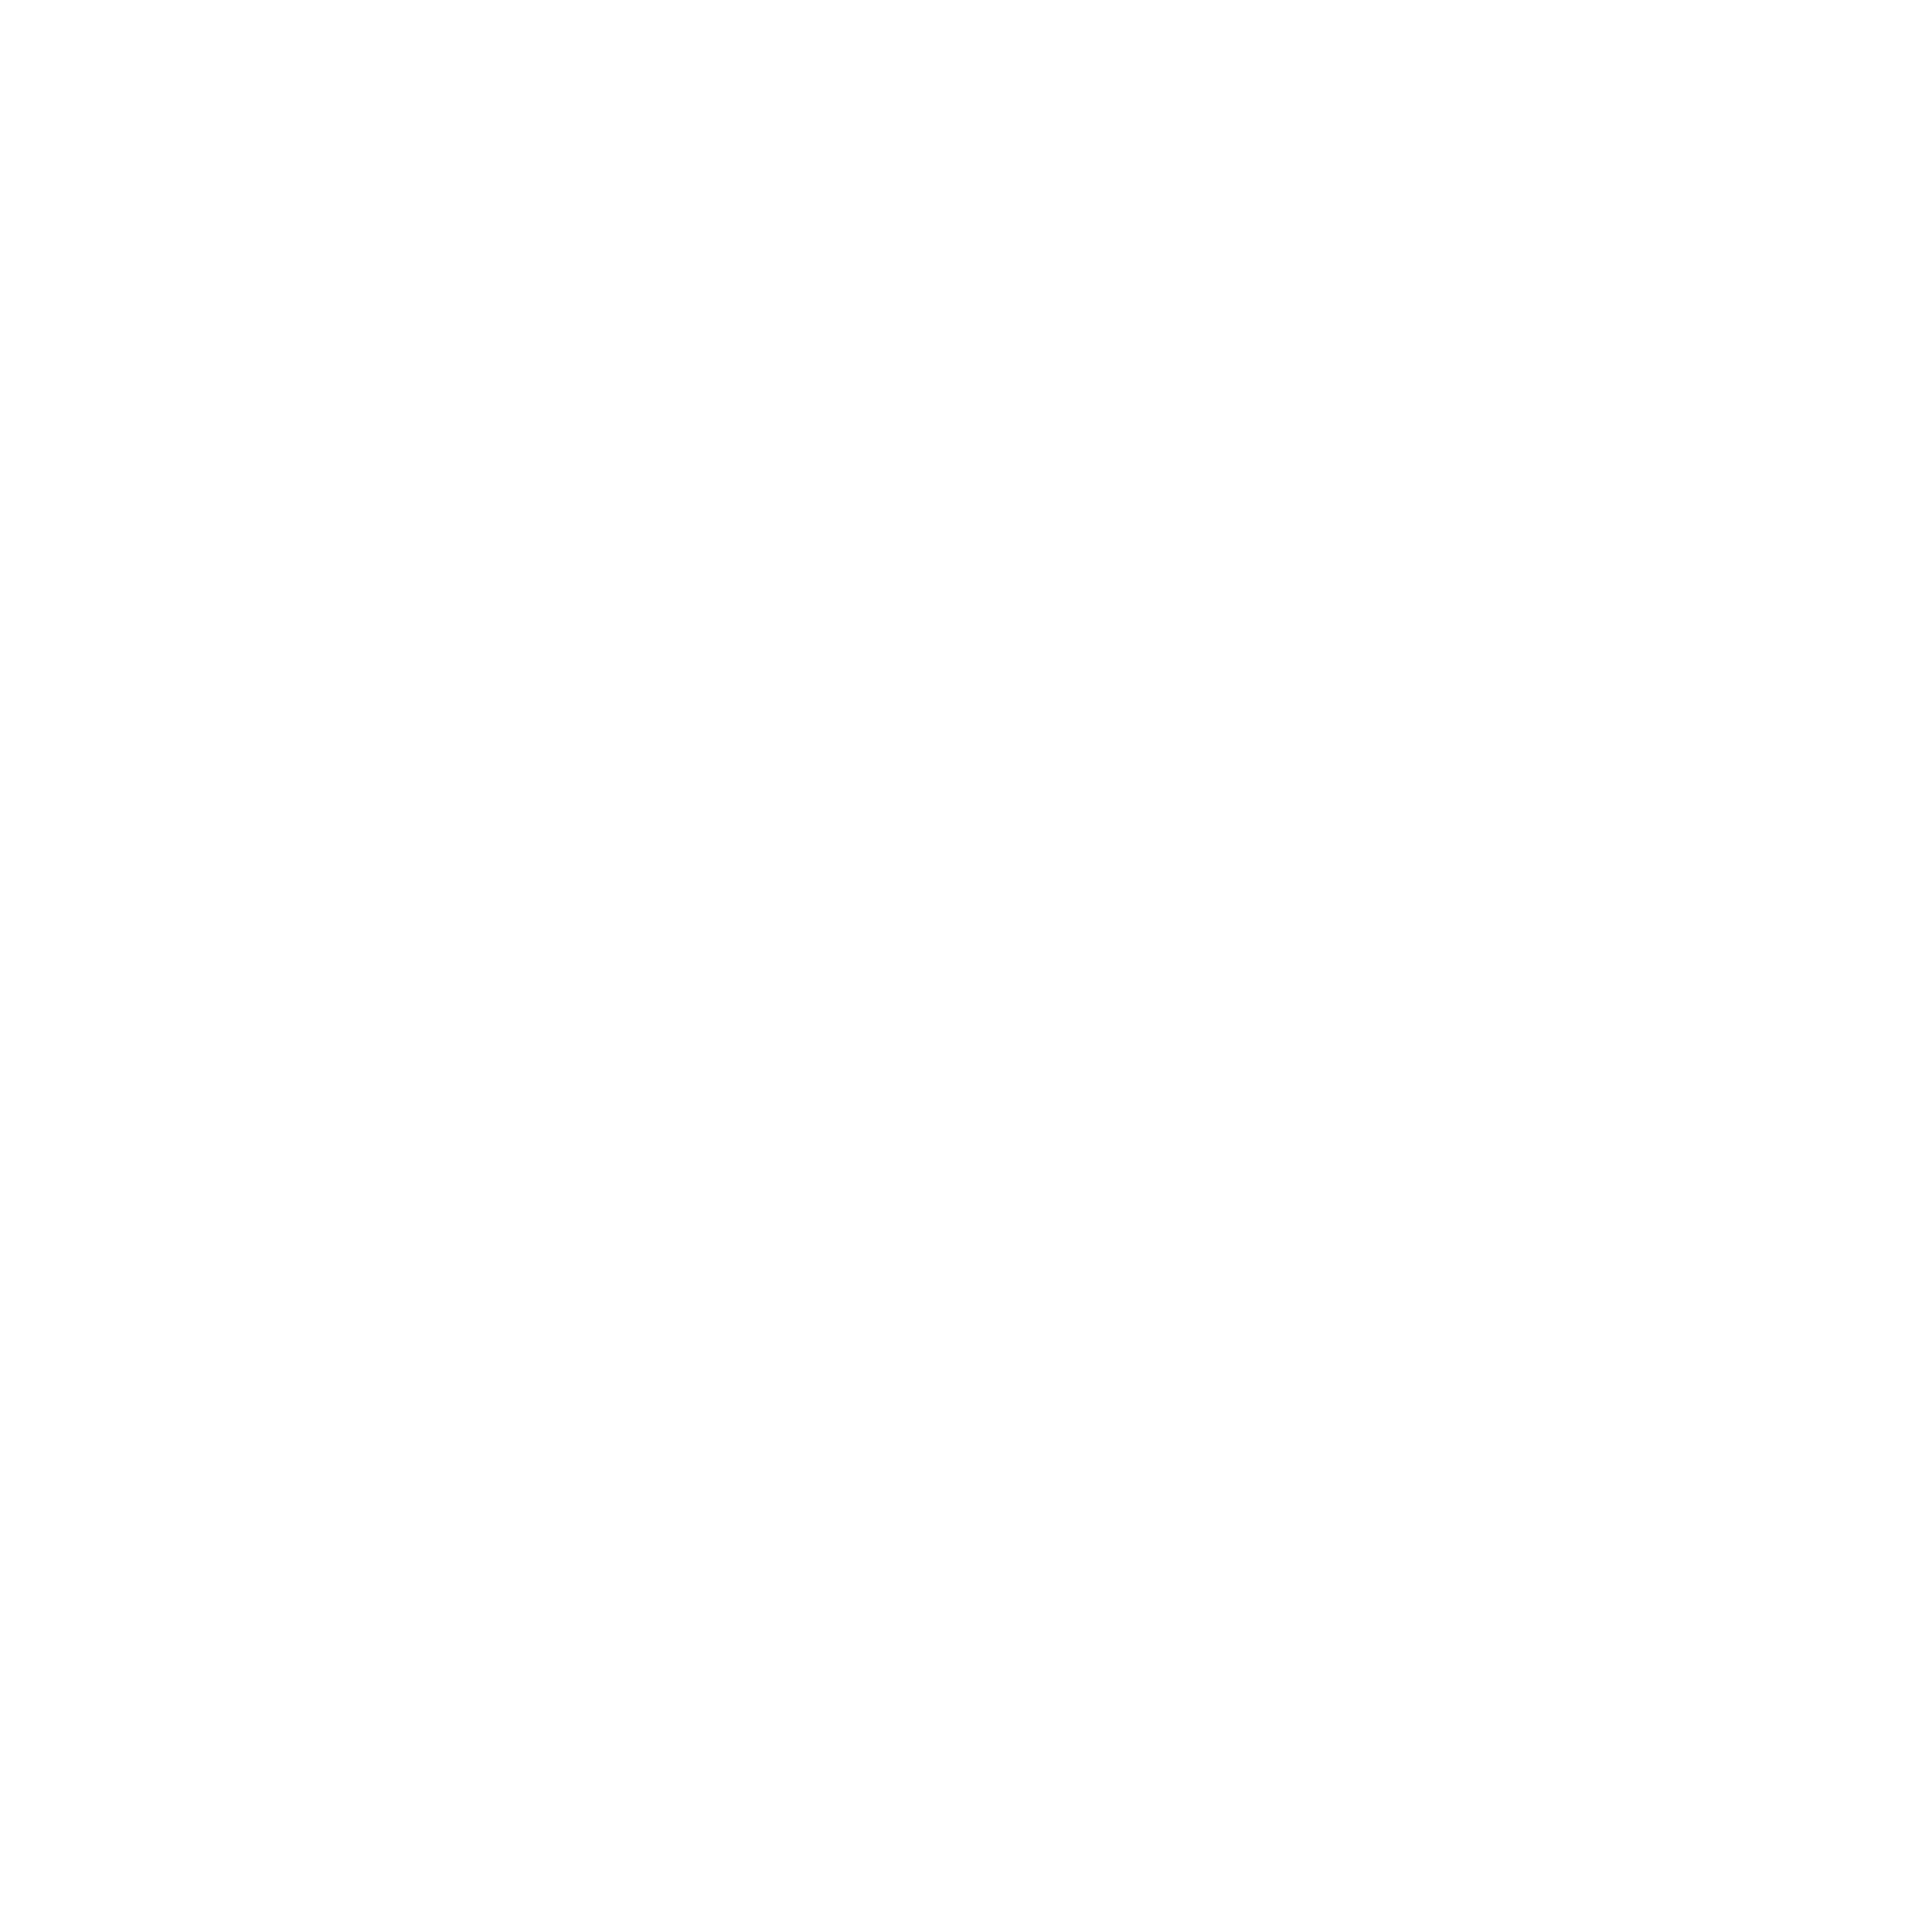 TWH_logo_0417-01_White-01.png